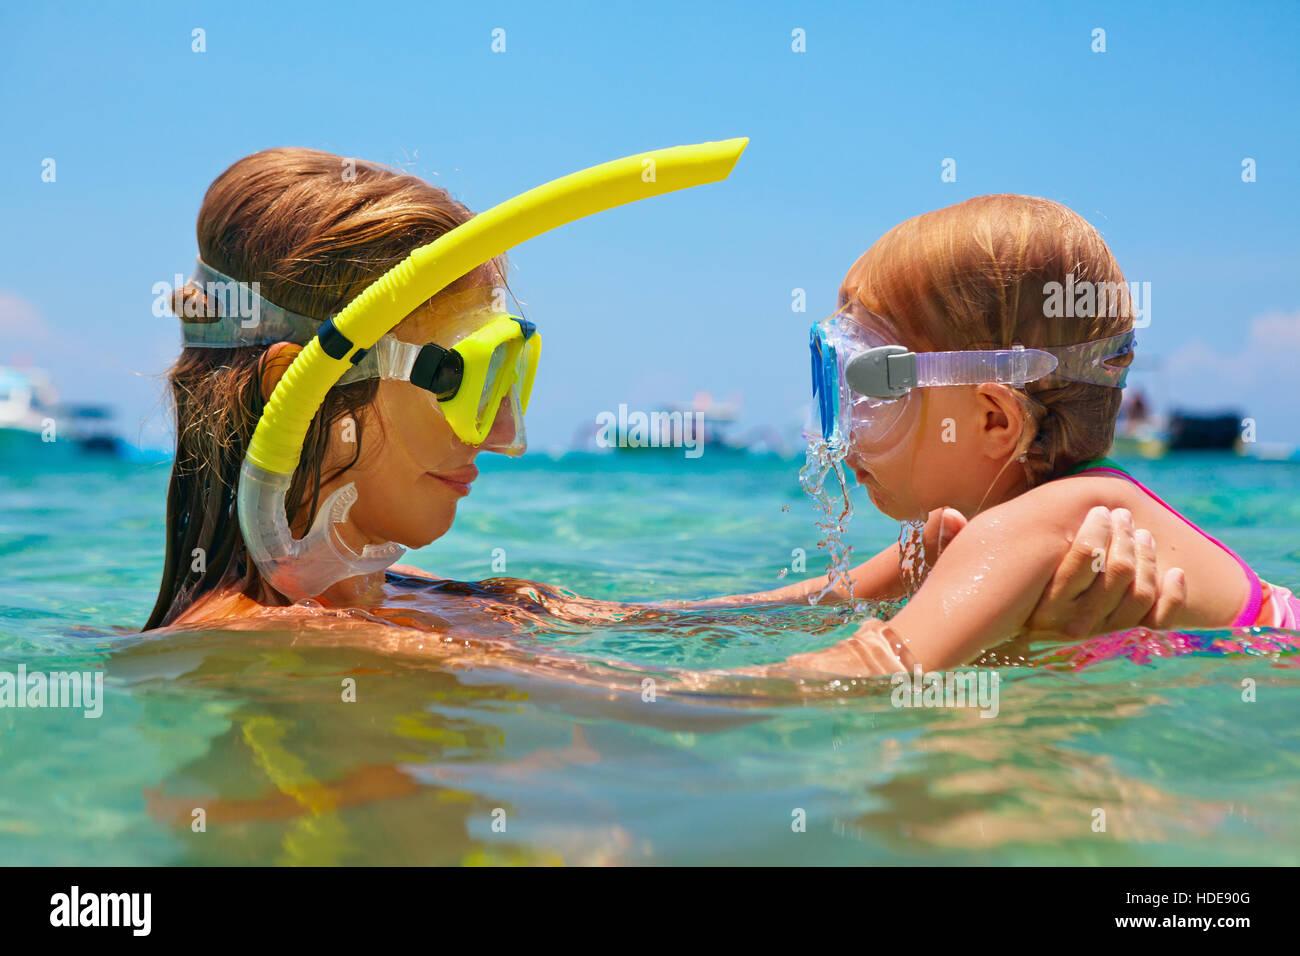 La famiglia felice. Madre con bambino ragazza subacquea immersioni in mare piscina. Uno stile di vita sano, attivo Immagini Stock